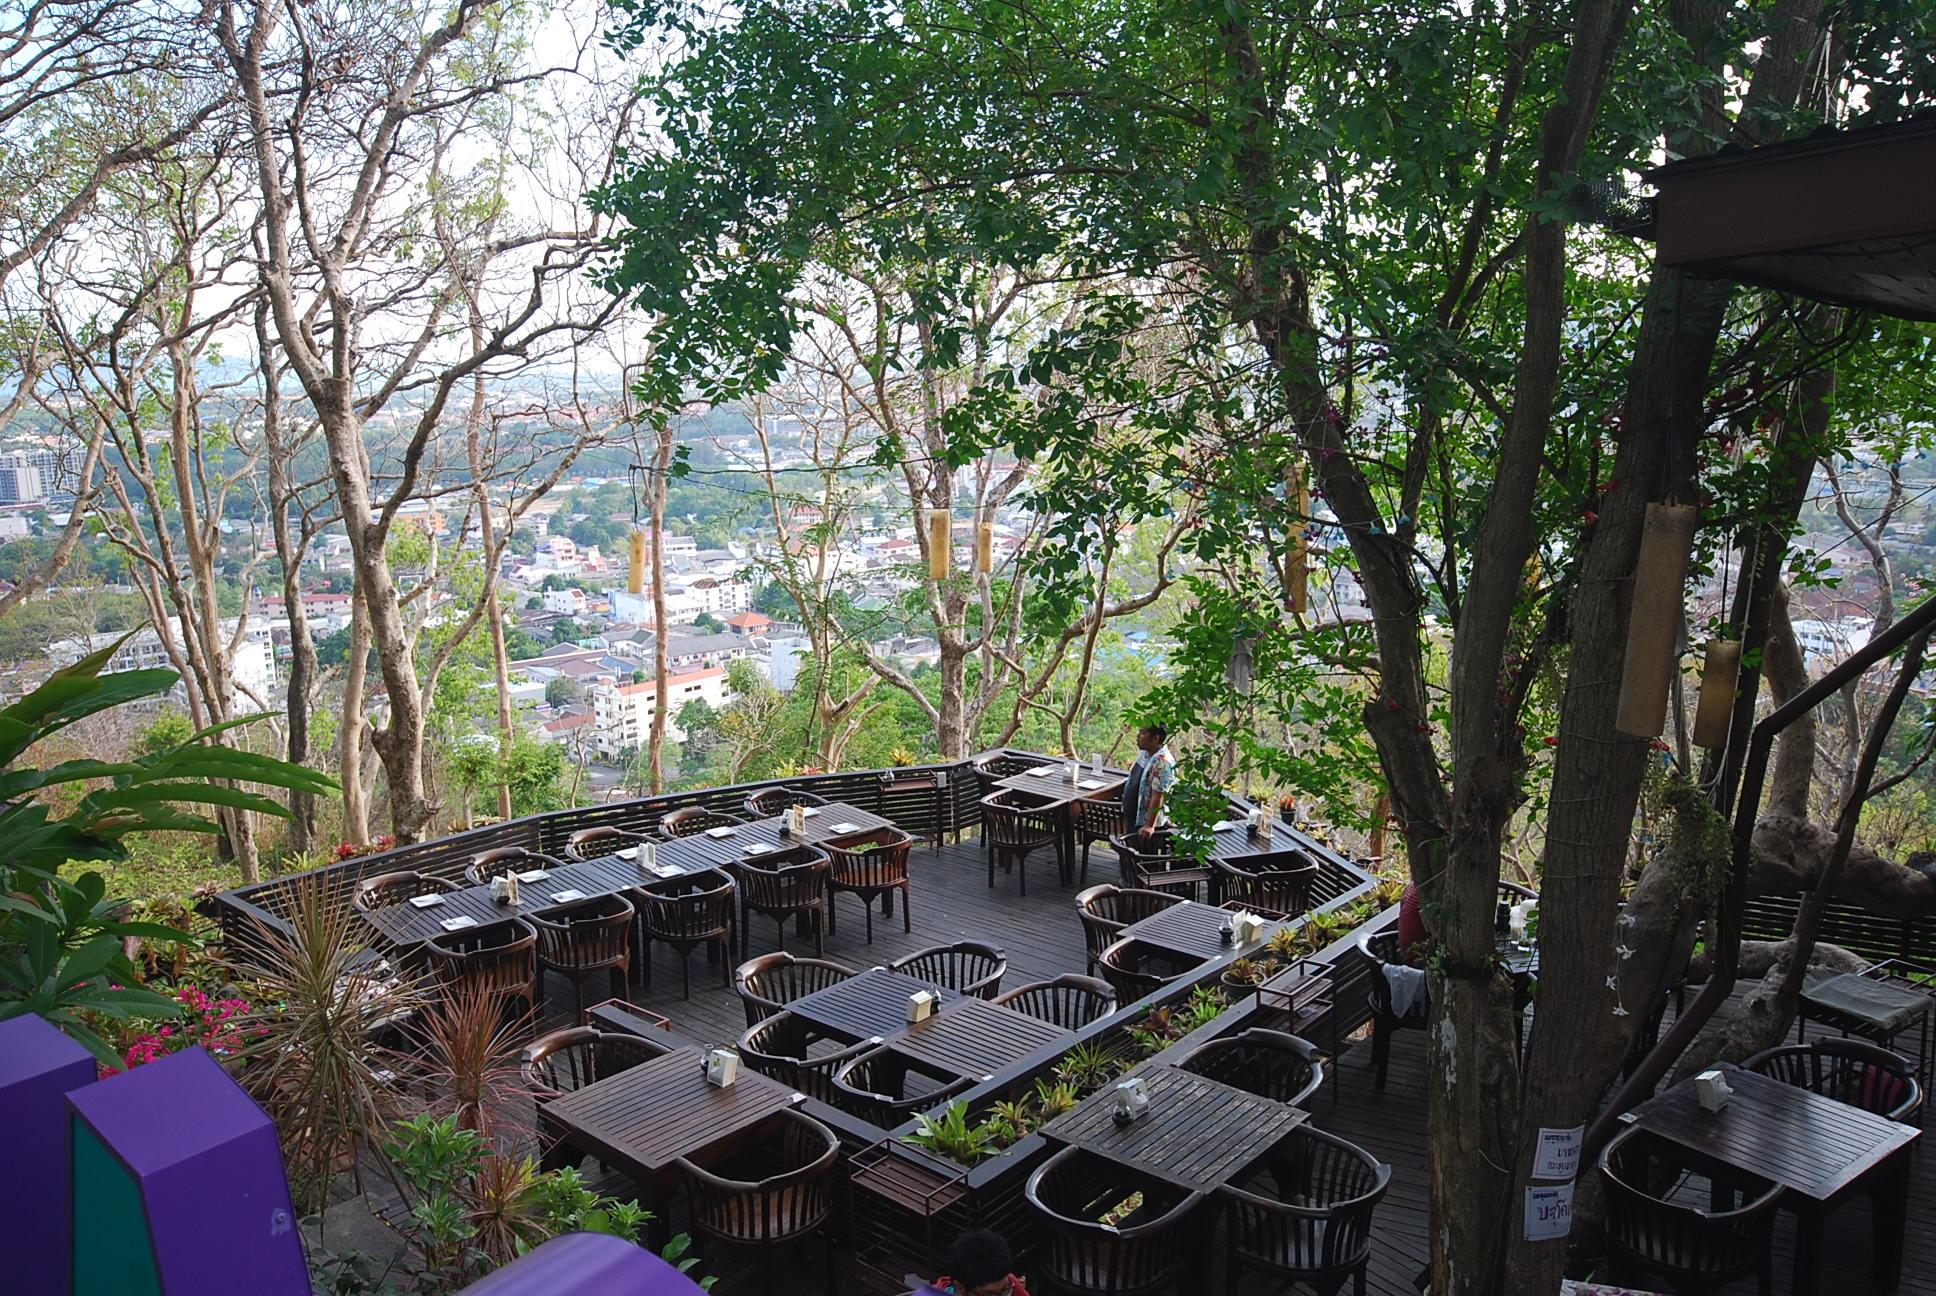 Rang Hill restaurant